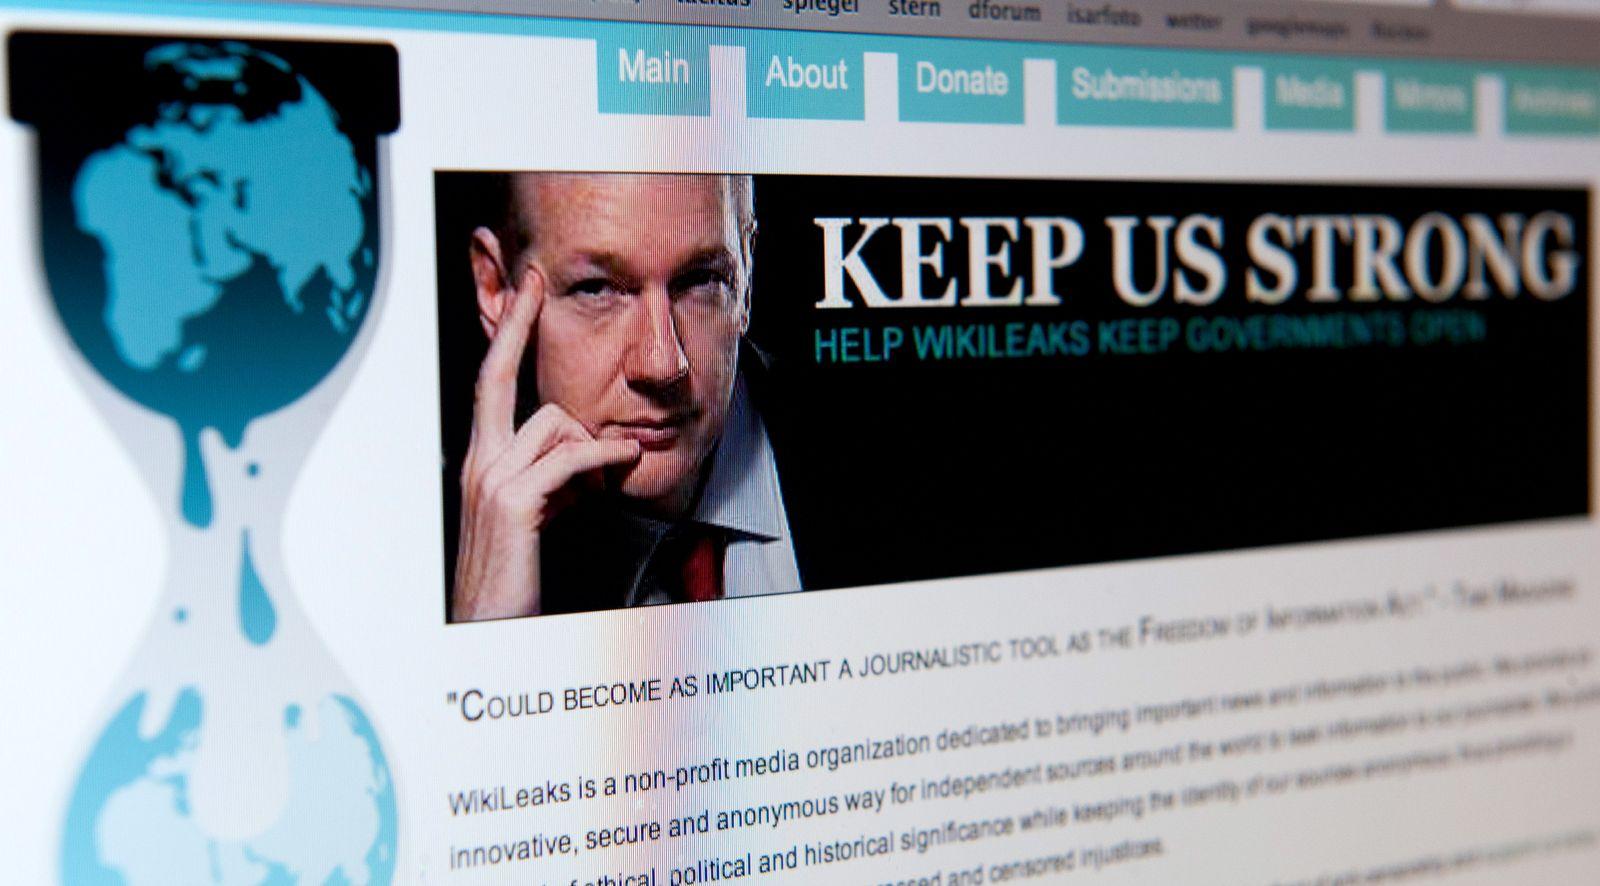 NICHT VERWENDEN Wikileaks / Assange / Website